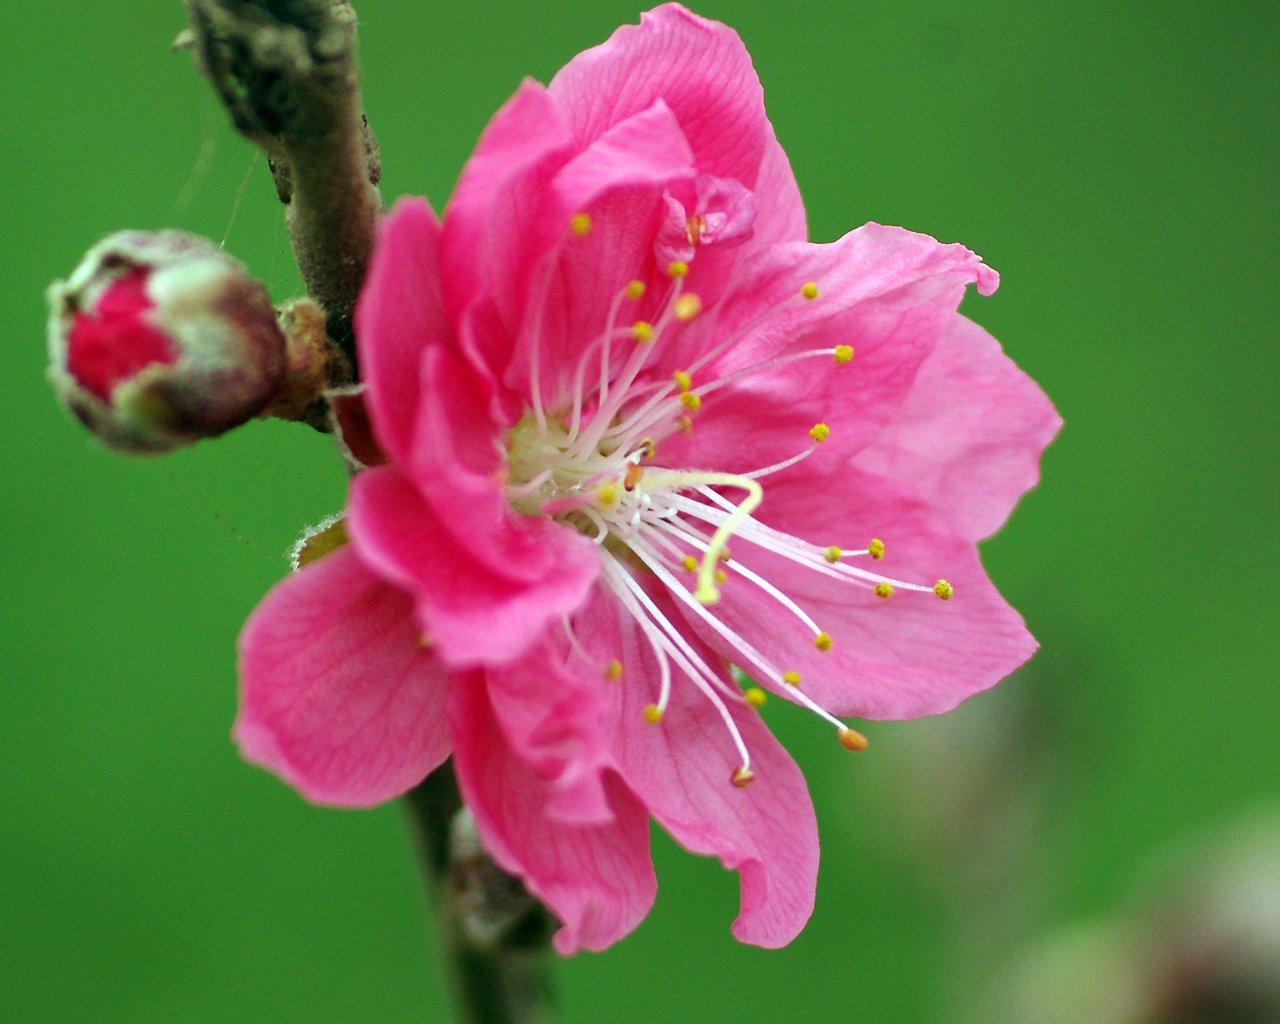 Lợi ích 'thần kỳ' của hoa đào ít người biết 6